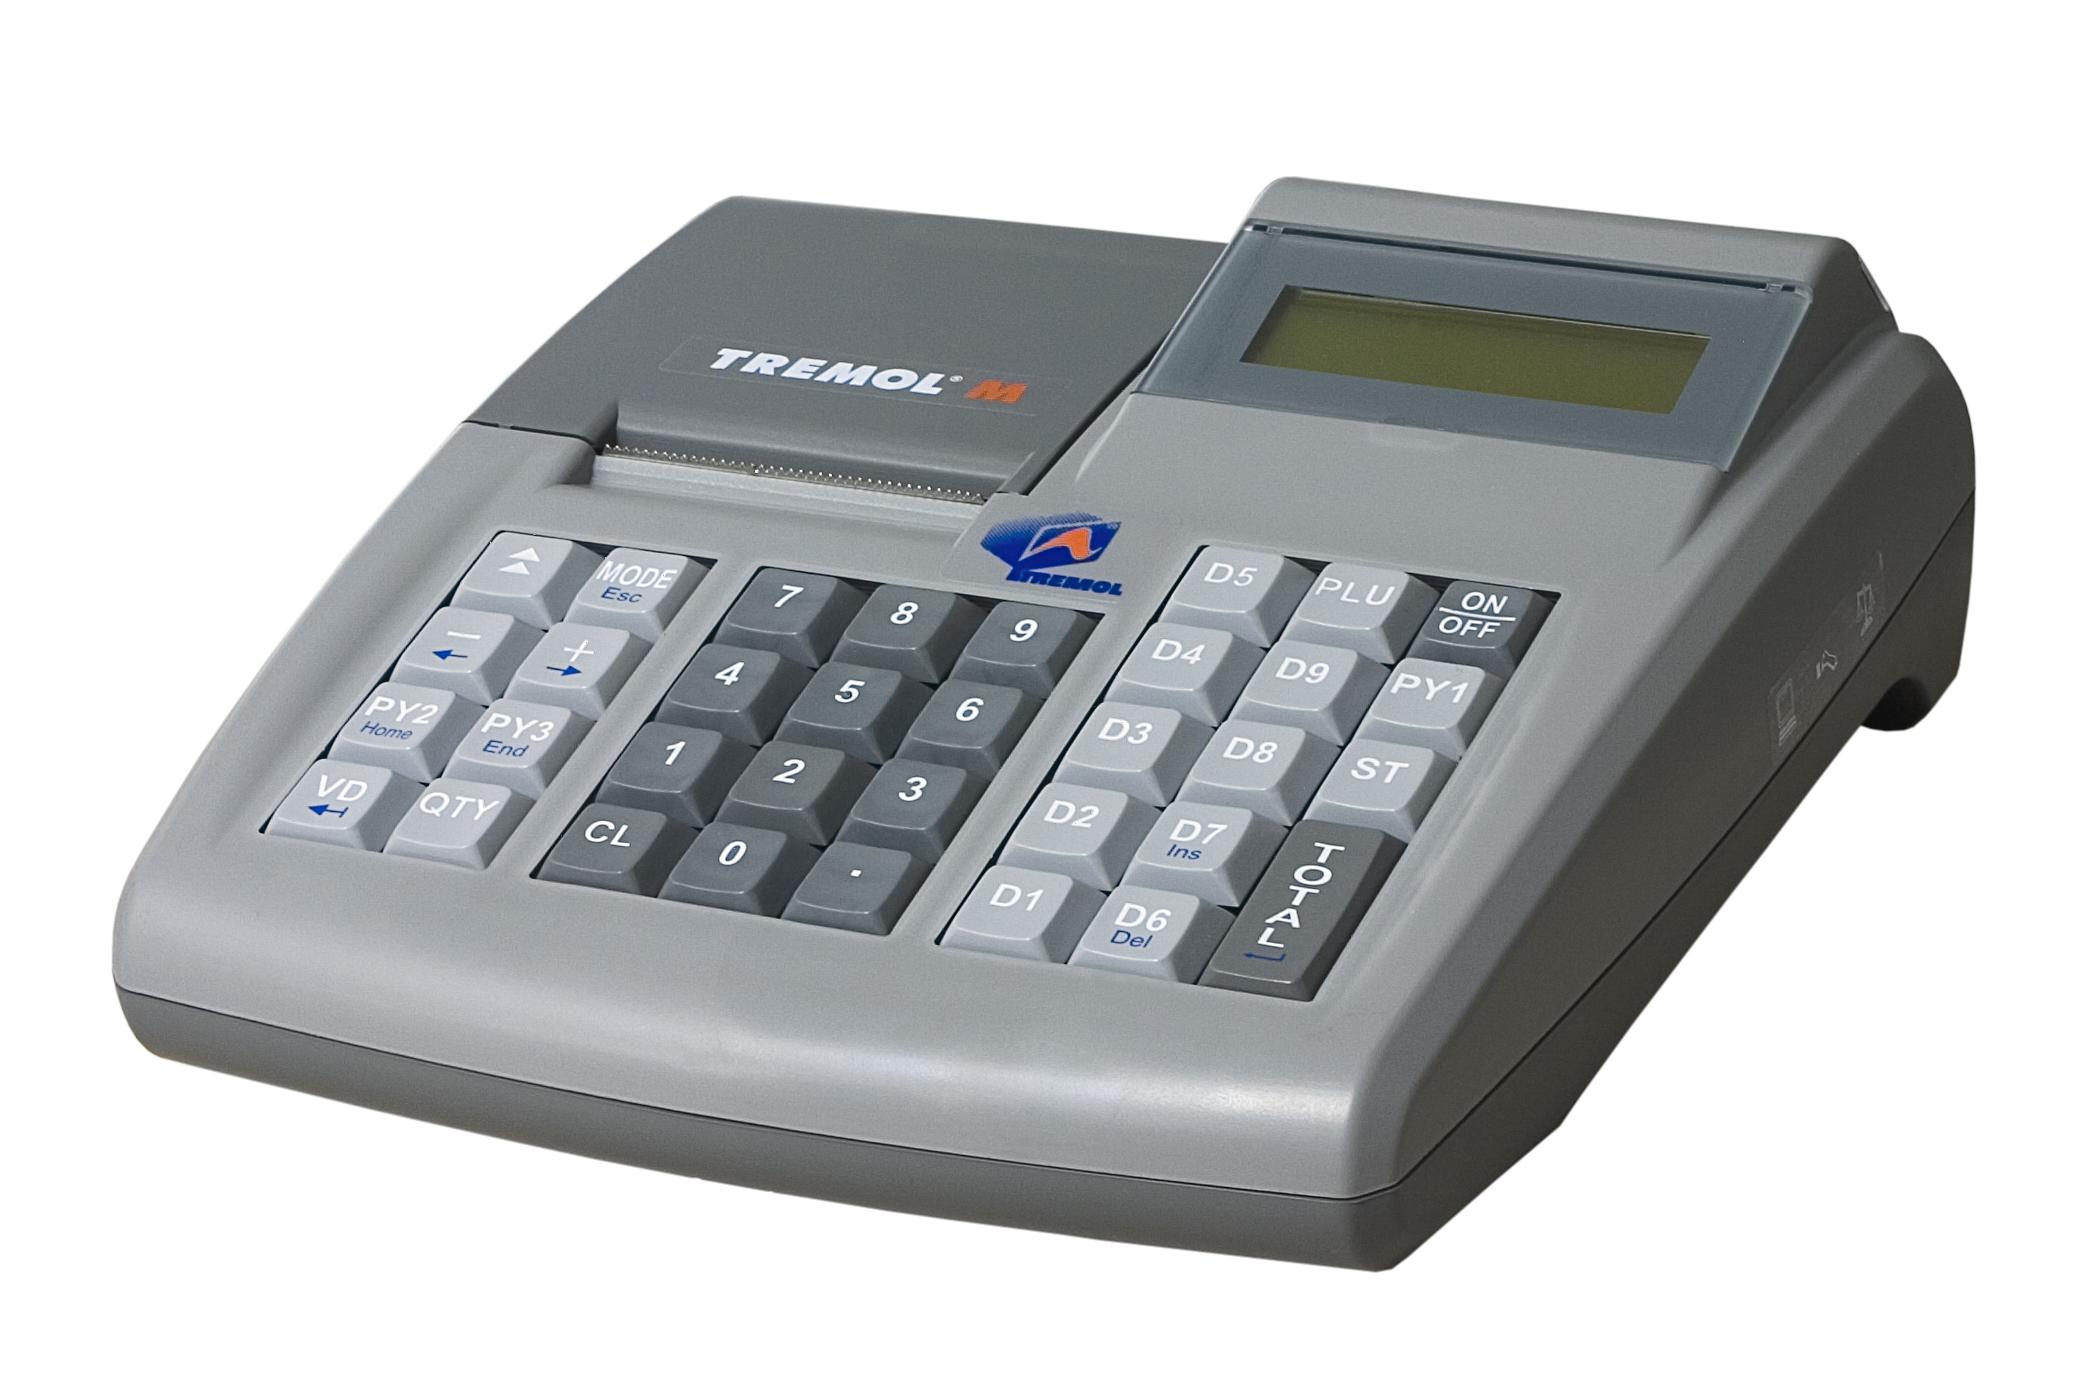 Tremol M uputstvo za ručno korištenje, dnevni izvještaj, prodaja, periodični izvještaj, presjek stanja, duplikat, reklamiranje računa